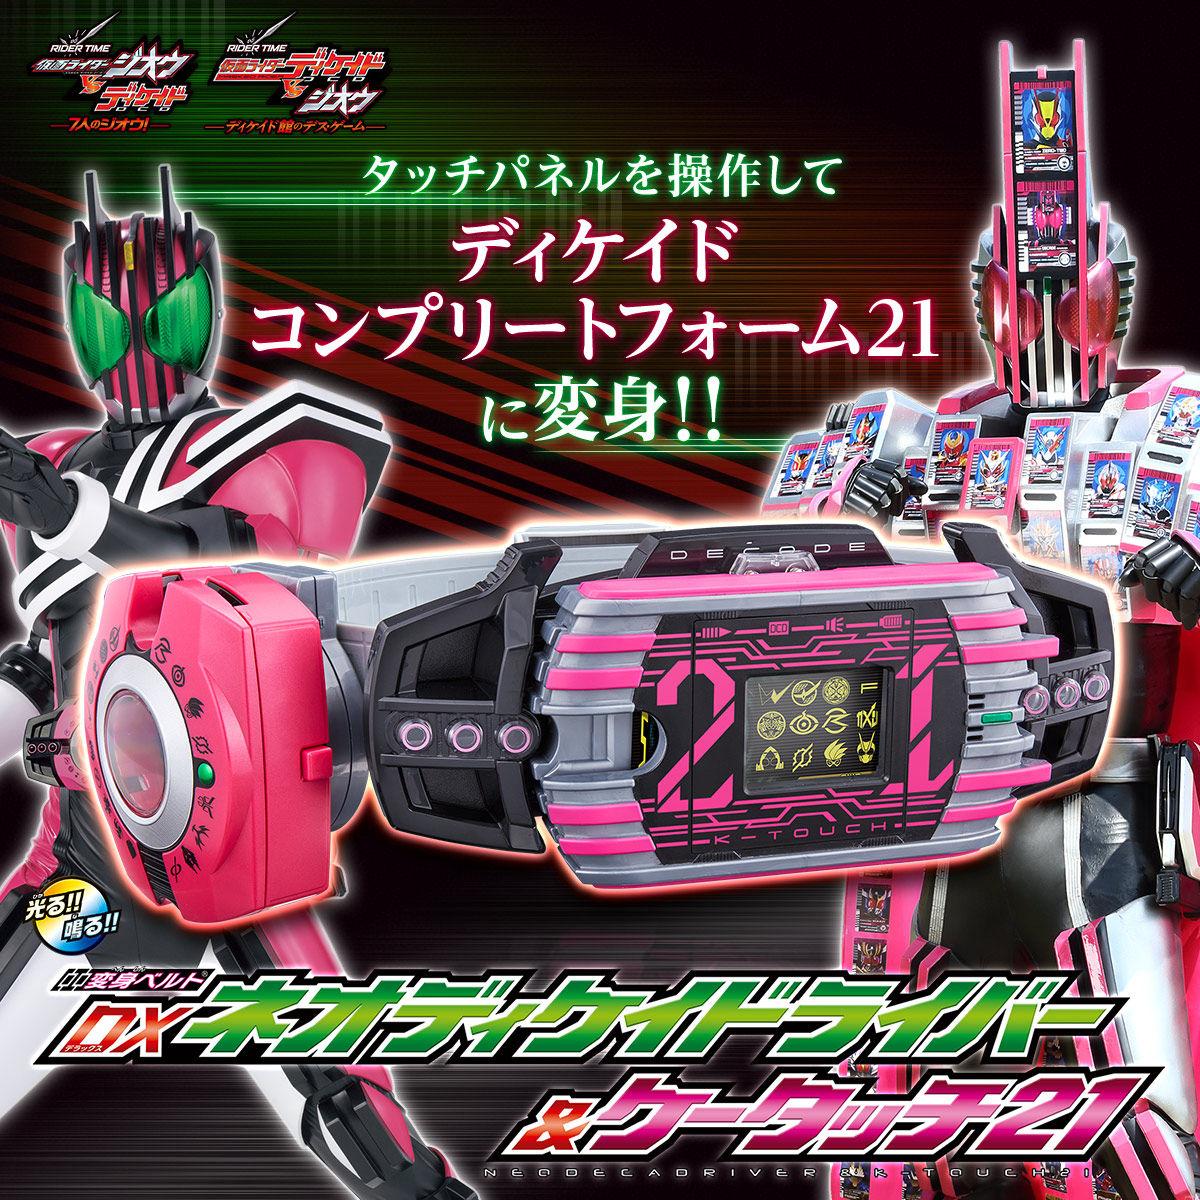 【限定販売】仮面ライダージオウ『DXネオディケイドライバー&ケータッチ21』変身ベルト-001